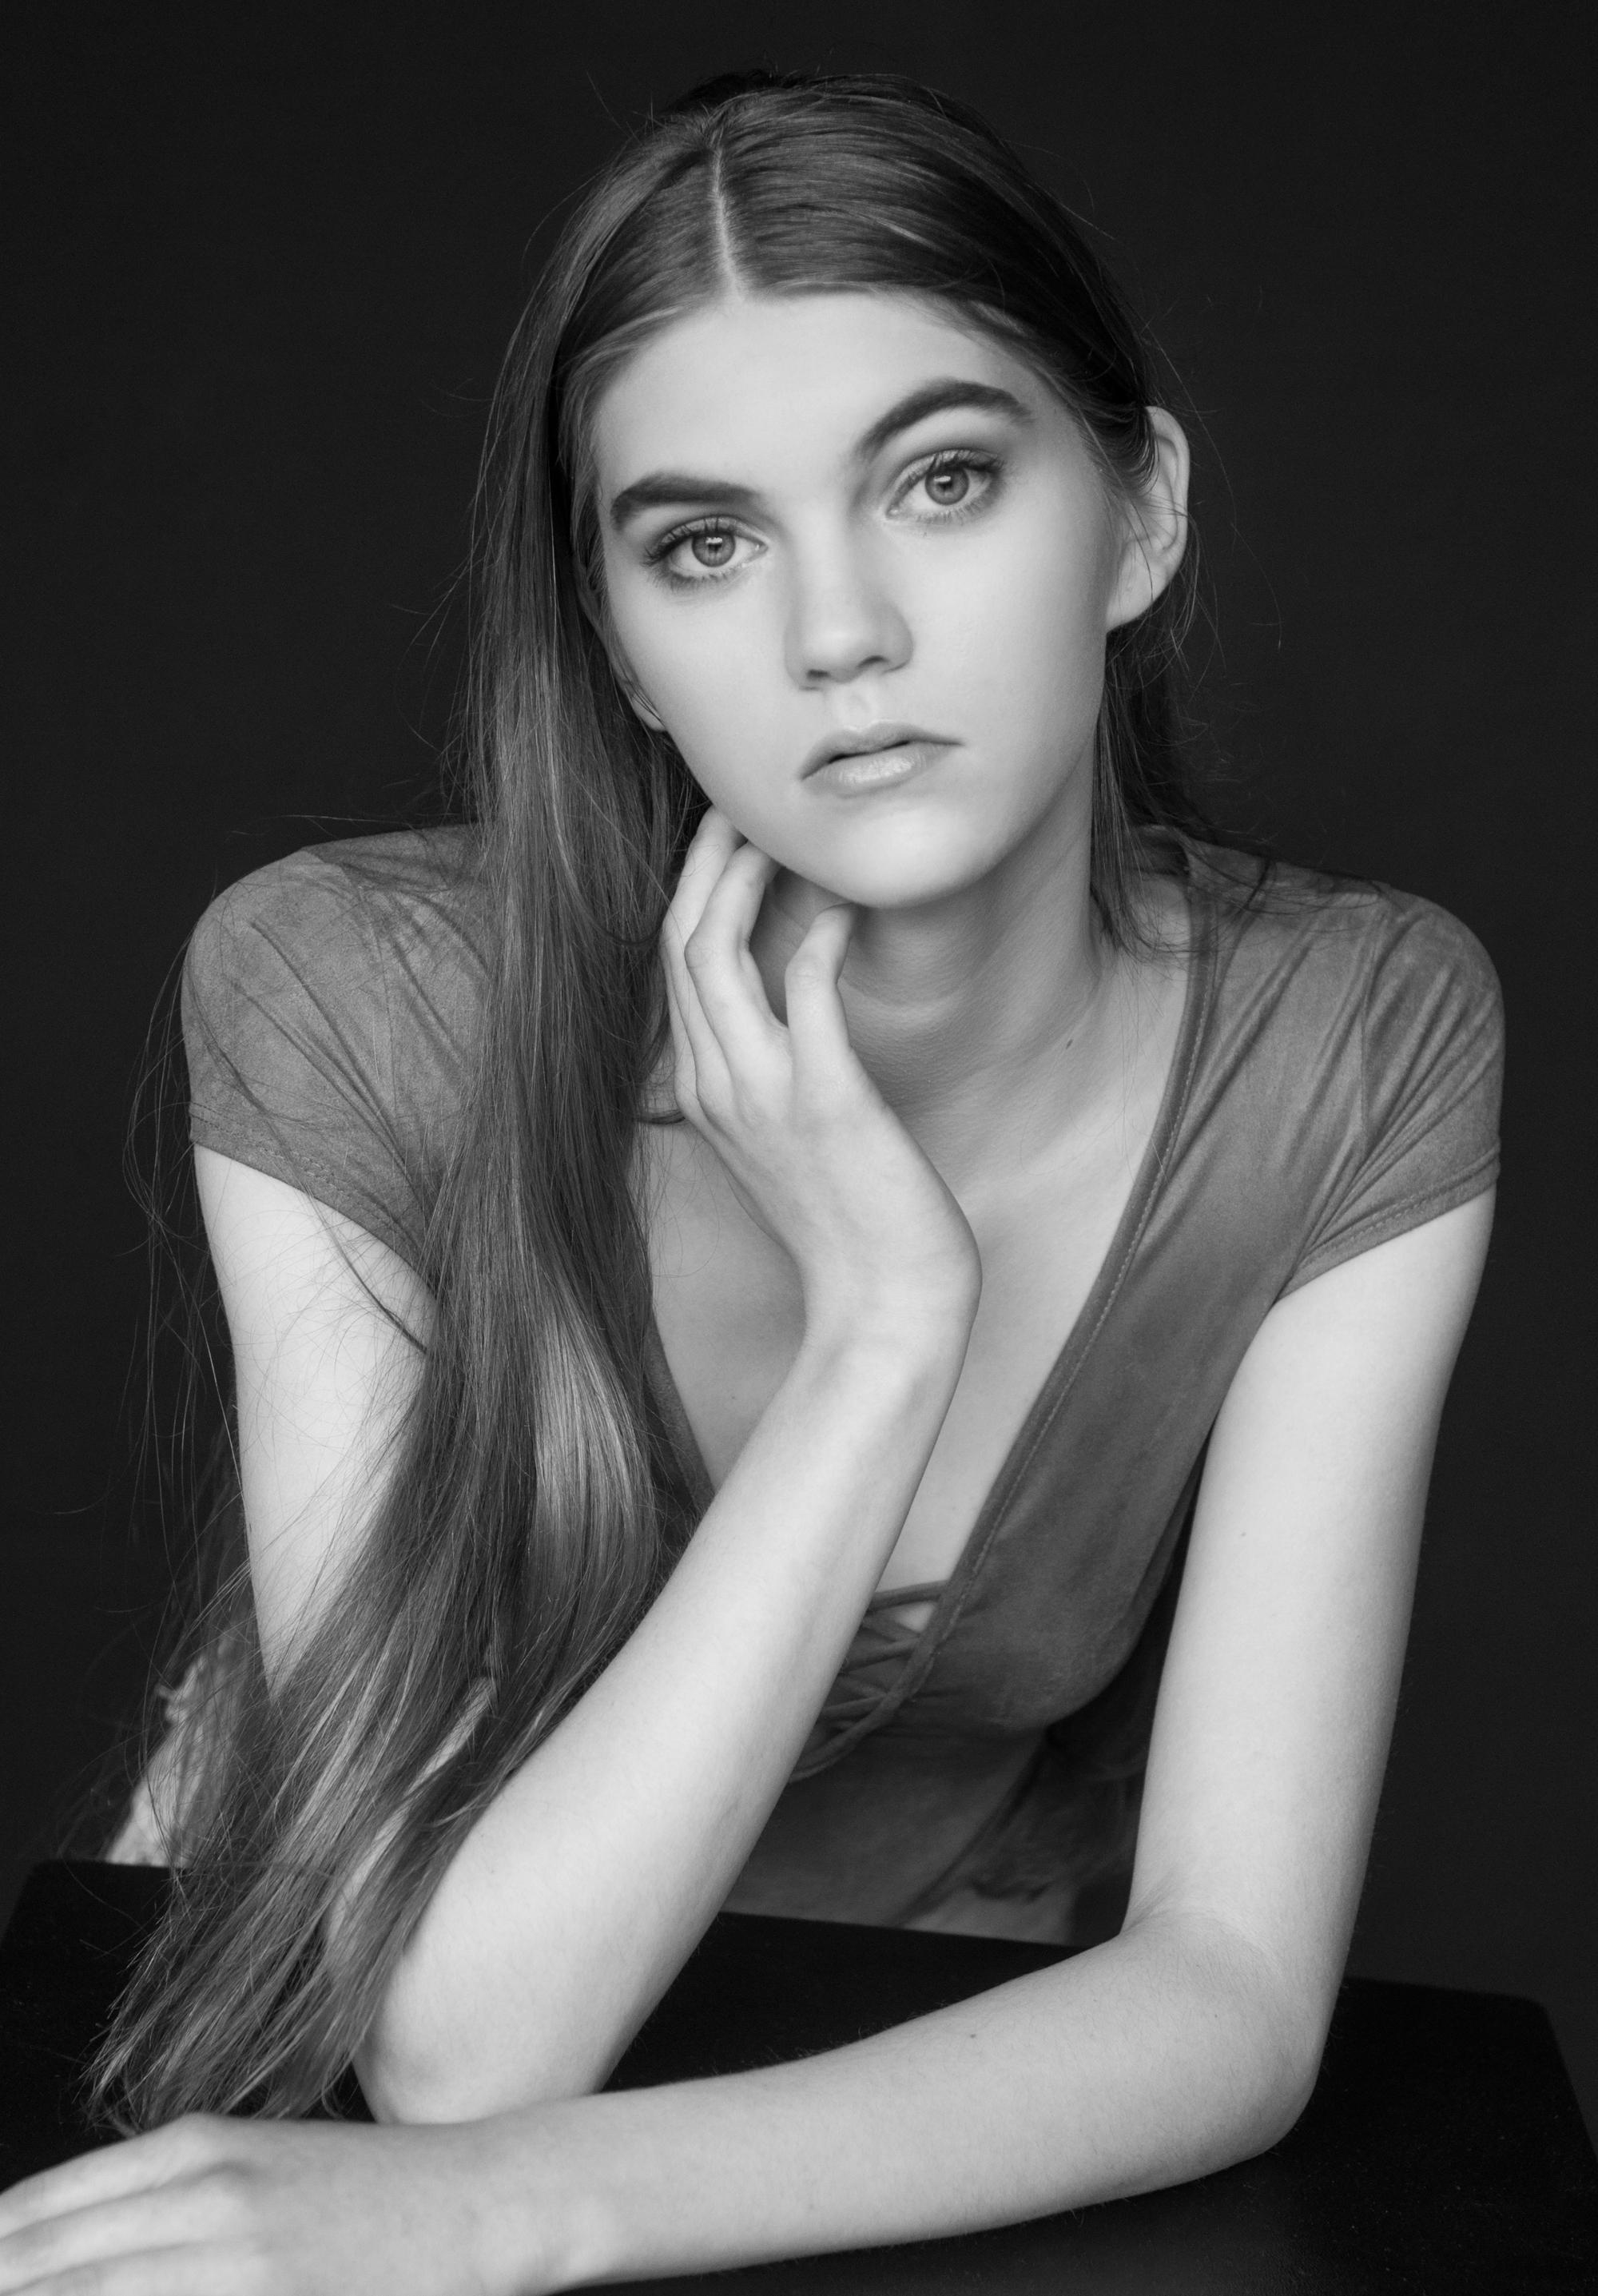 Model: Grace Dwyer  Agency: IMG Worldwide  Stylist: Joy Hollywood  Assistant: Alvin Powell